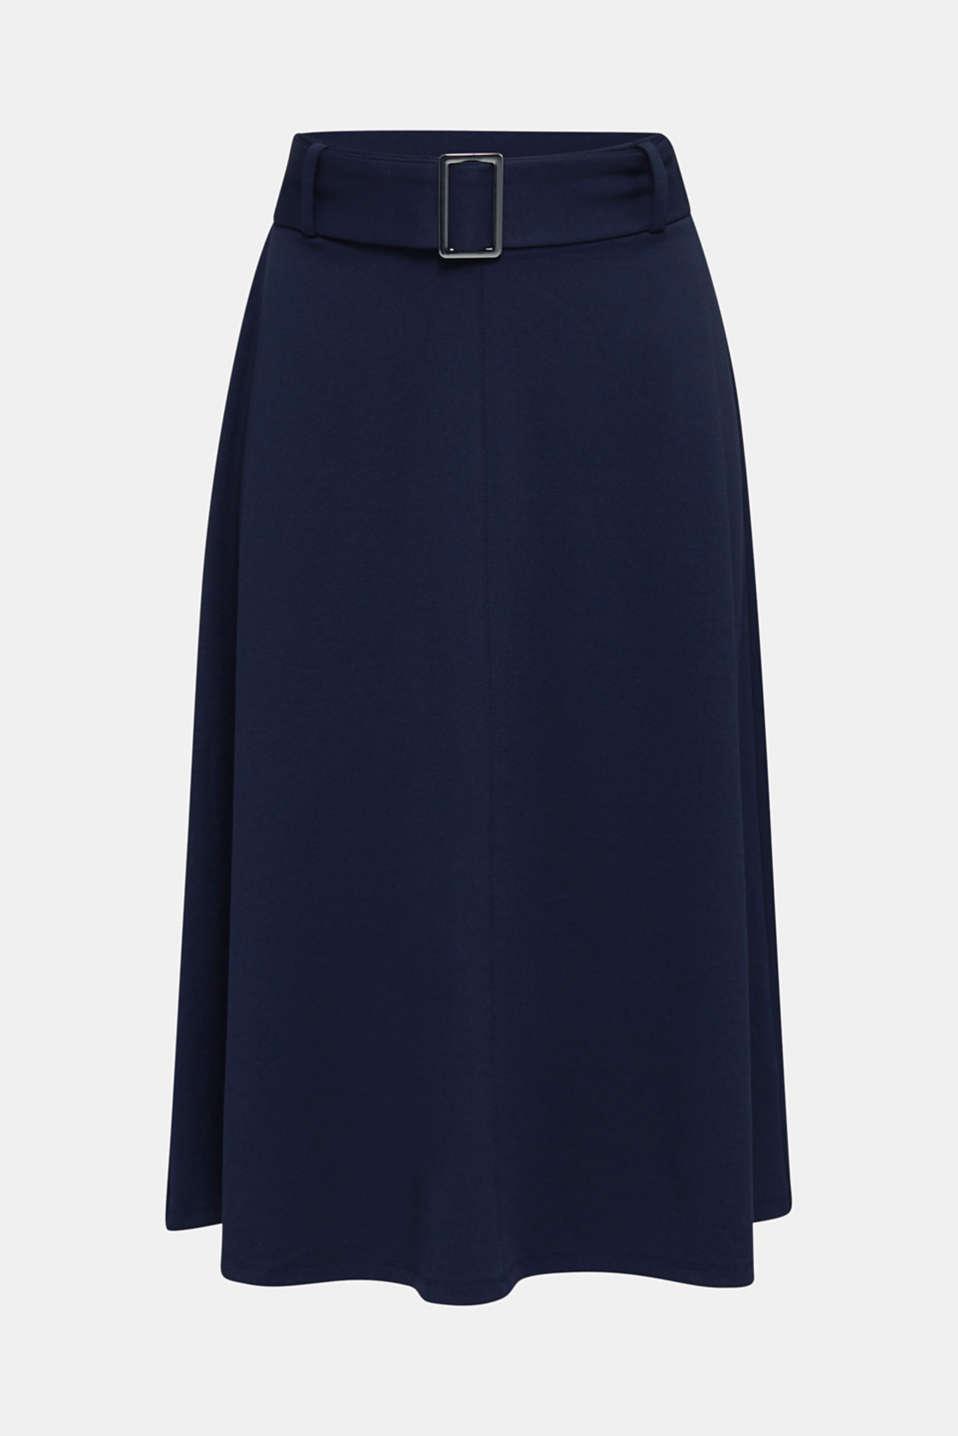 Melange A-line jersey skirt, NAVY, detail image number 6